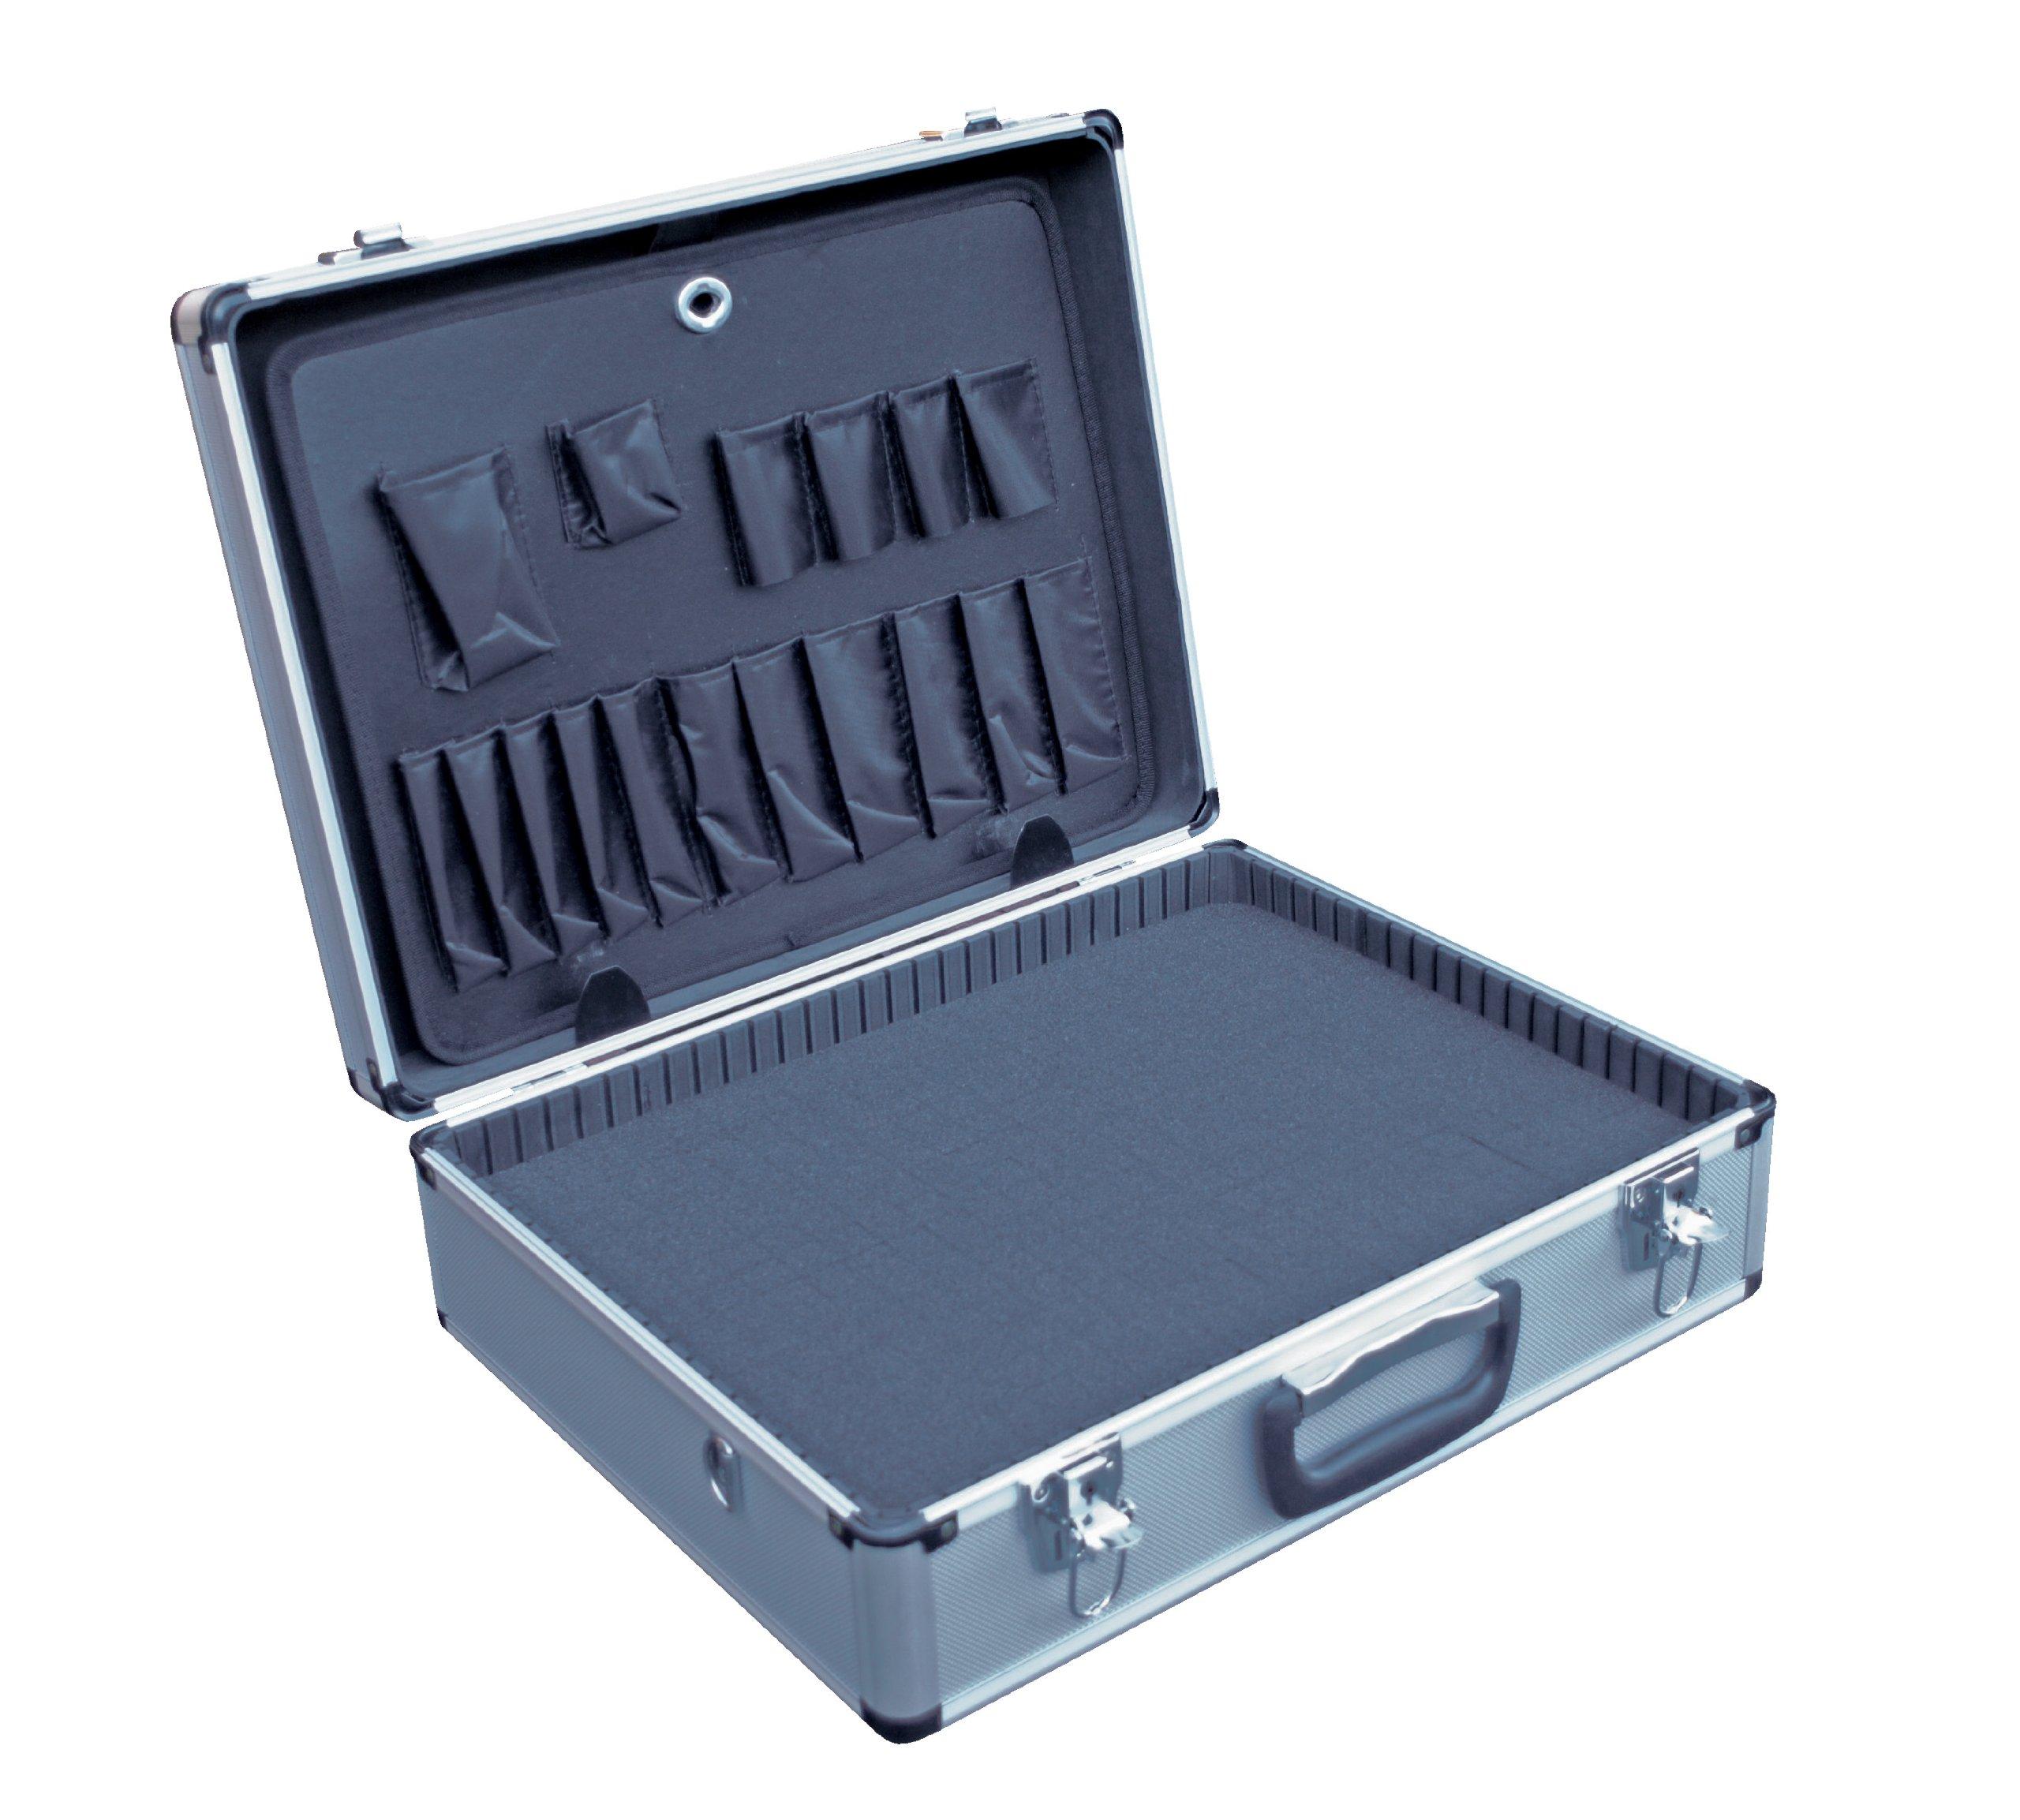 Vestil CASE-1814-FM Aluminum Tool Case - Foam Insert, 14'' Length X 18'' Width X 6'' Height, 6 lbs. by Vestil